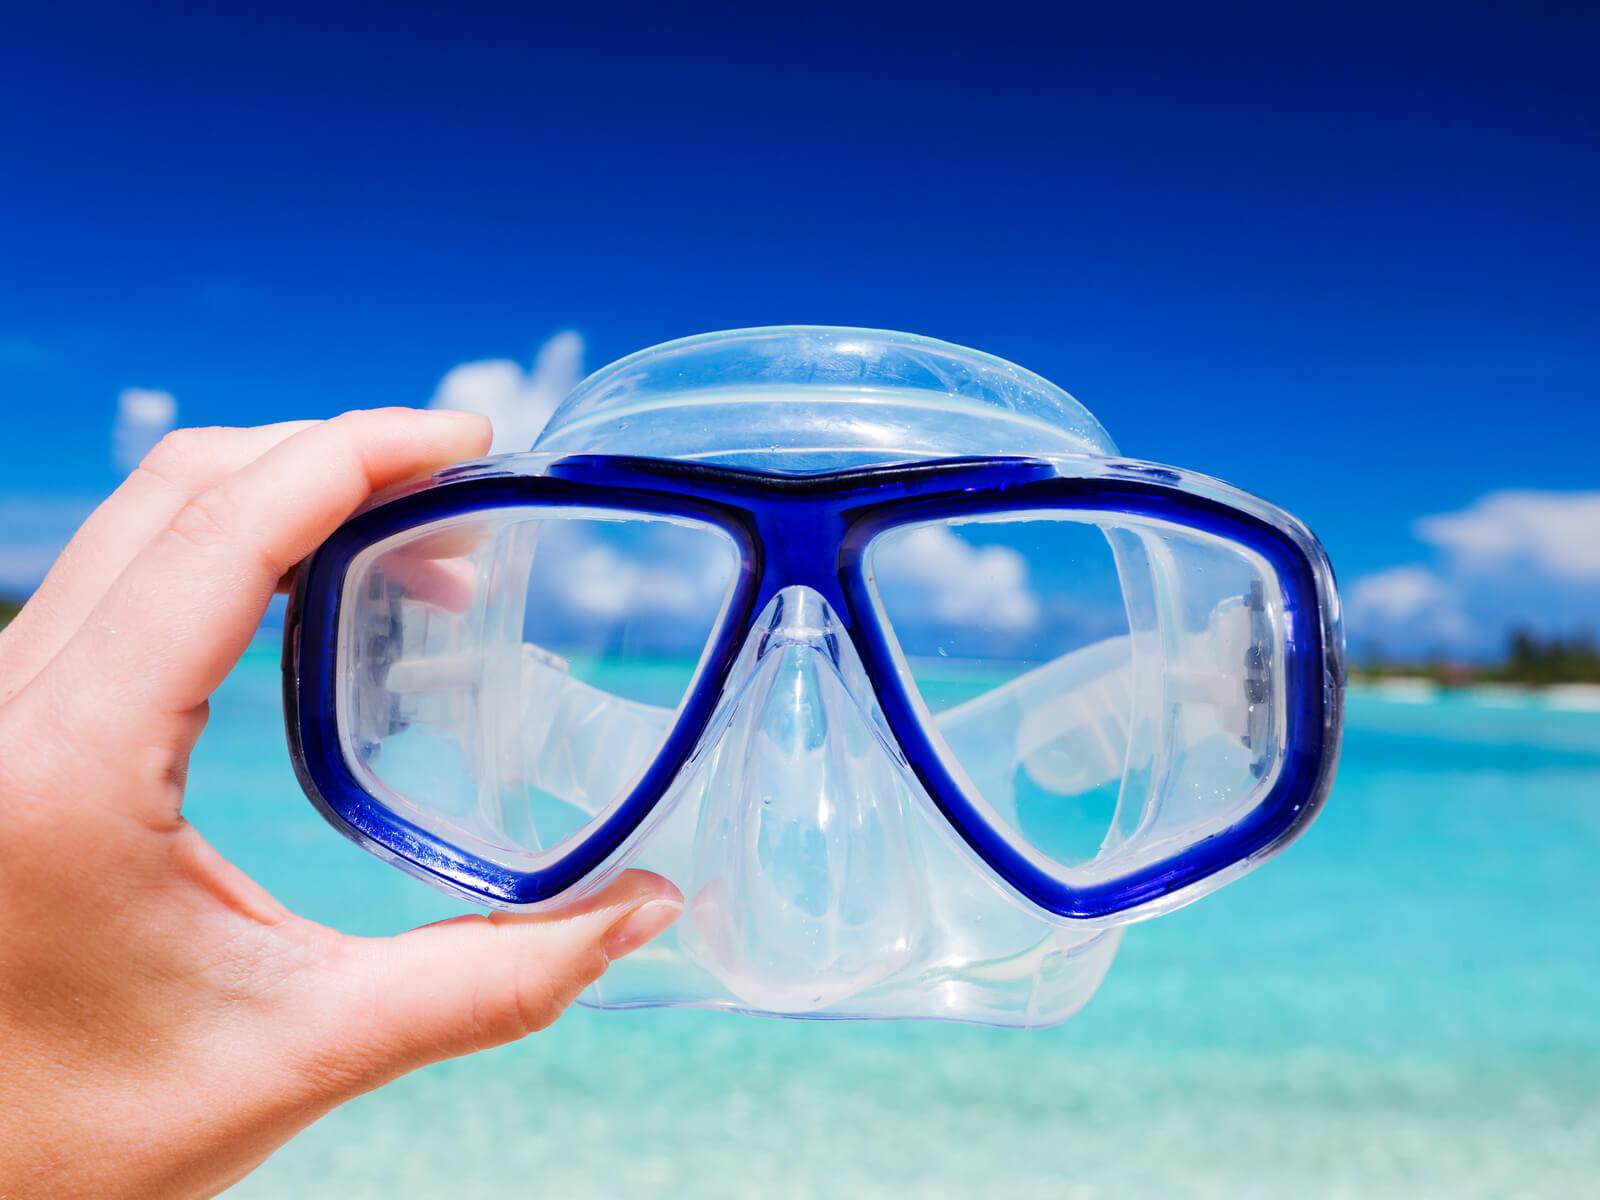 ダイビングマスクの選び方|初心者こそ押さえたいポイントやおすすめの製品